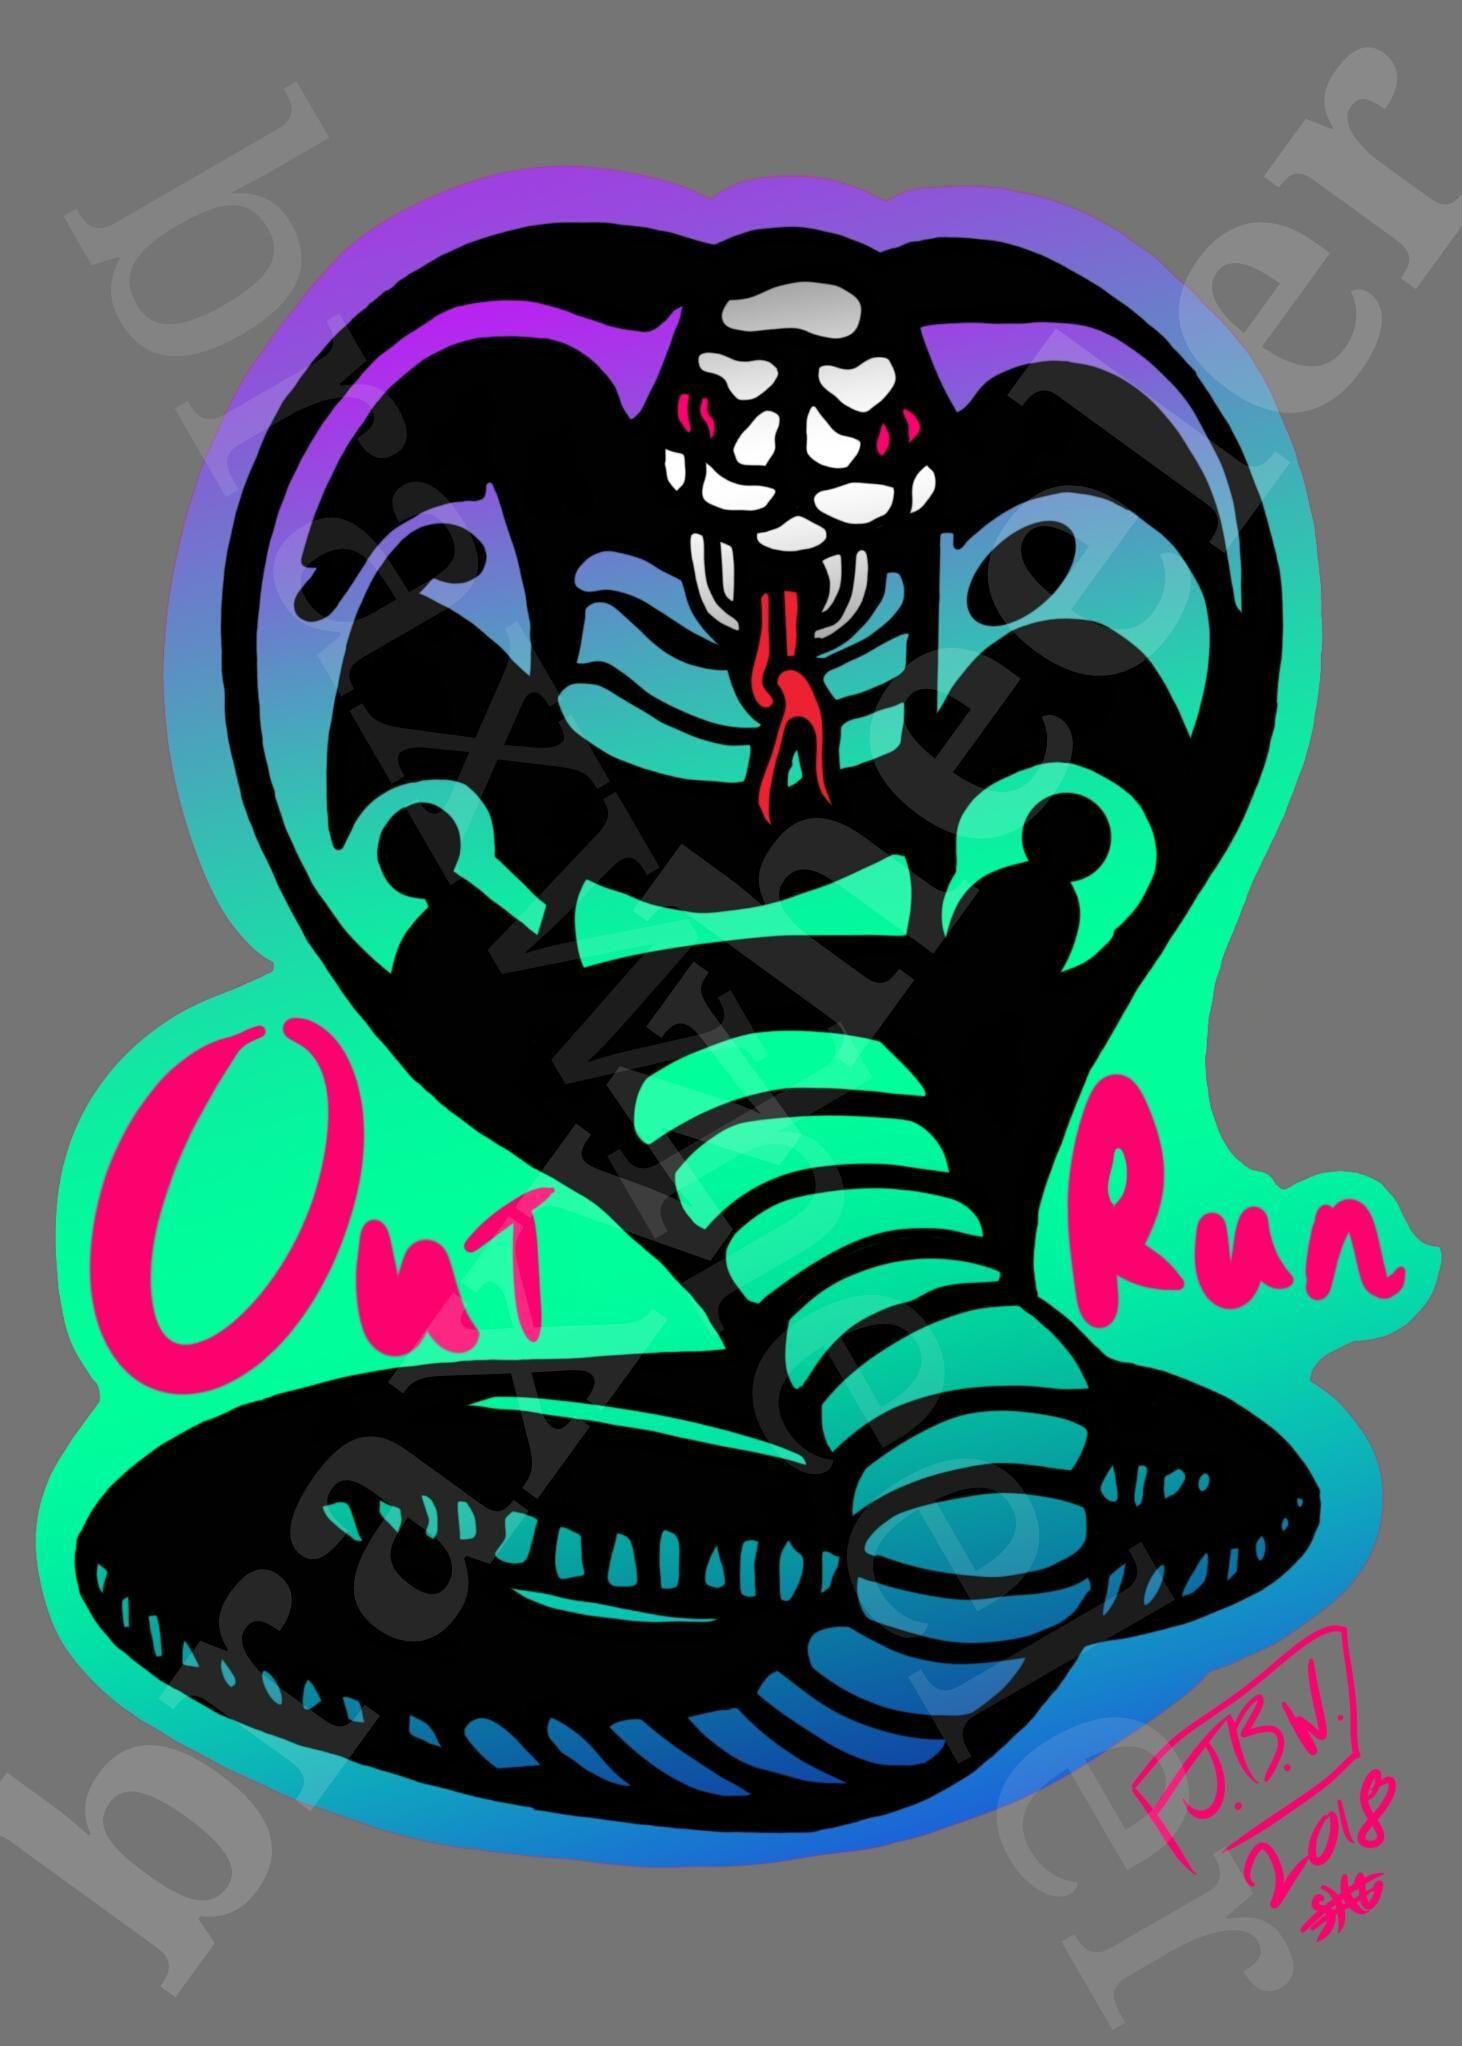 """An outrun inspired """"cobra kai"""" logo I made. Enjoy #outrun"""